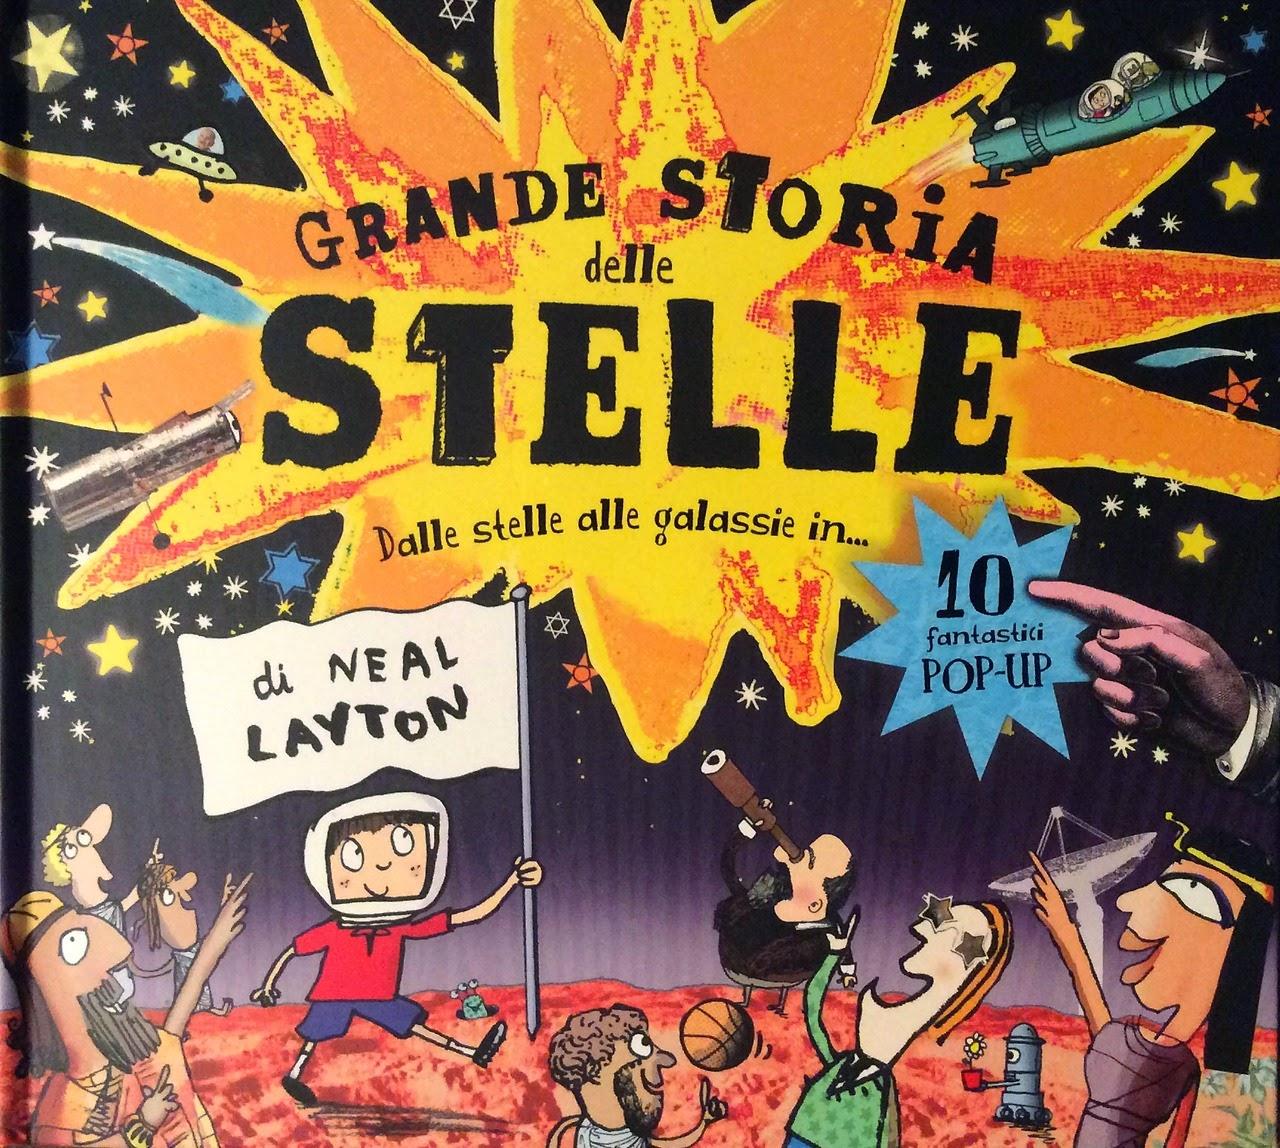 Biblioburro: Grande storia delle stelle